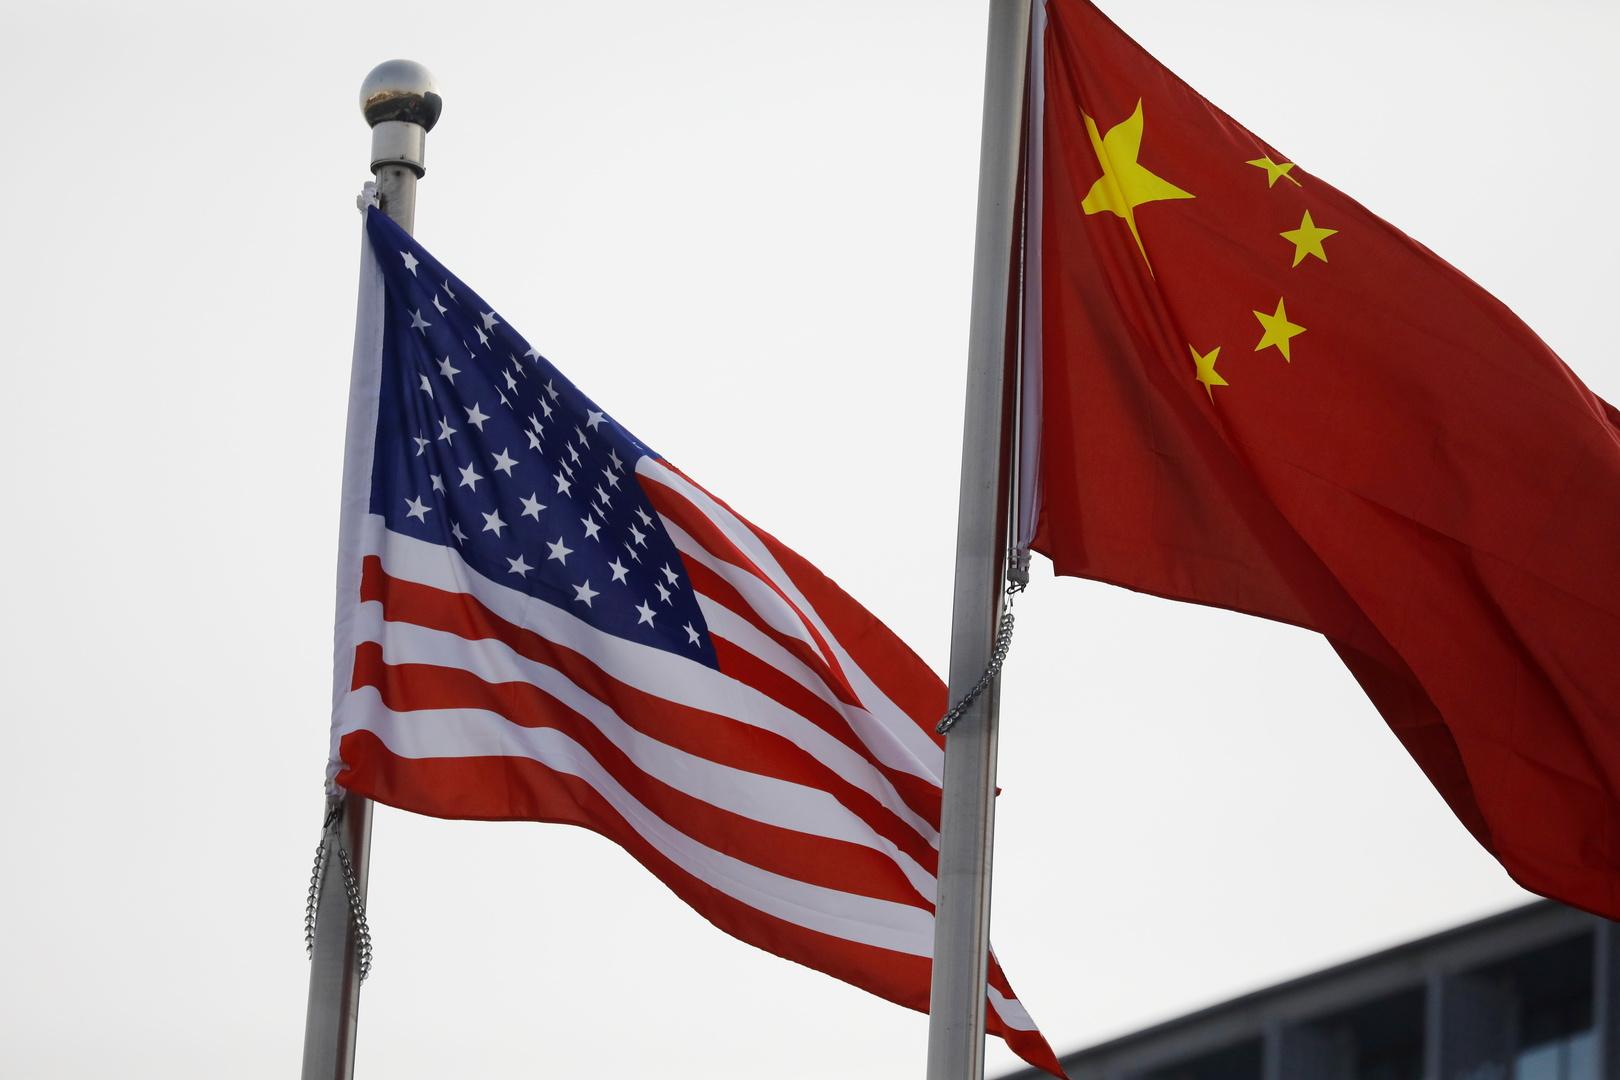 بكين يمكن أن تمنح إسرائيل وسيلة ضغط على الولايات المتحدة